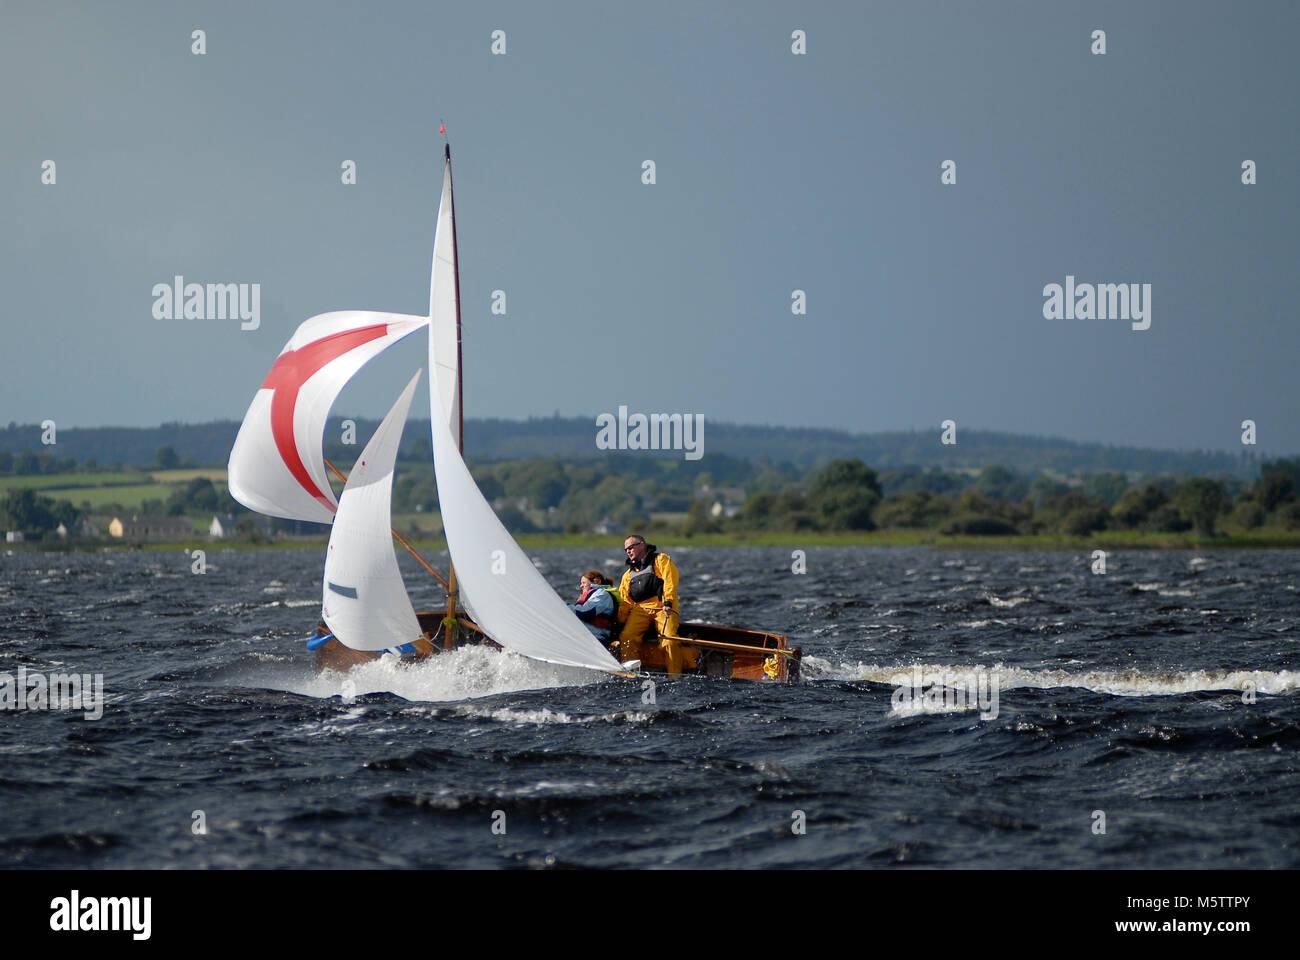 Un tradicional bote Wag agua carreras abajo Lough Ree durante el Irish sailing raid en el río Shannon en Irlanda. El barco está en peligro de naufragio. Foto de stock